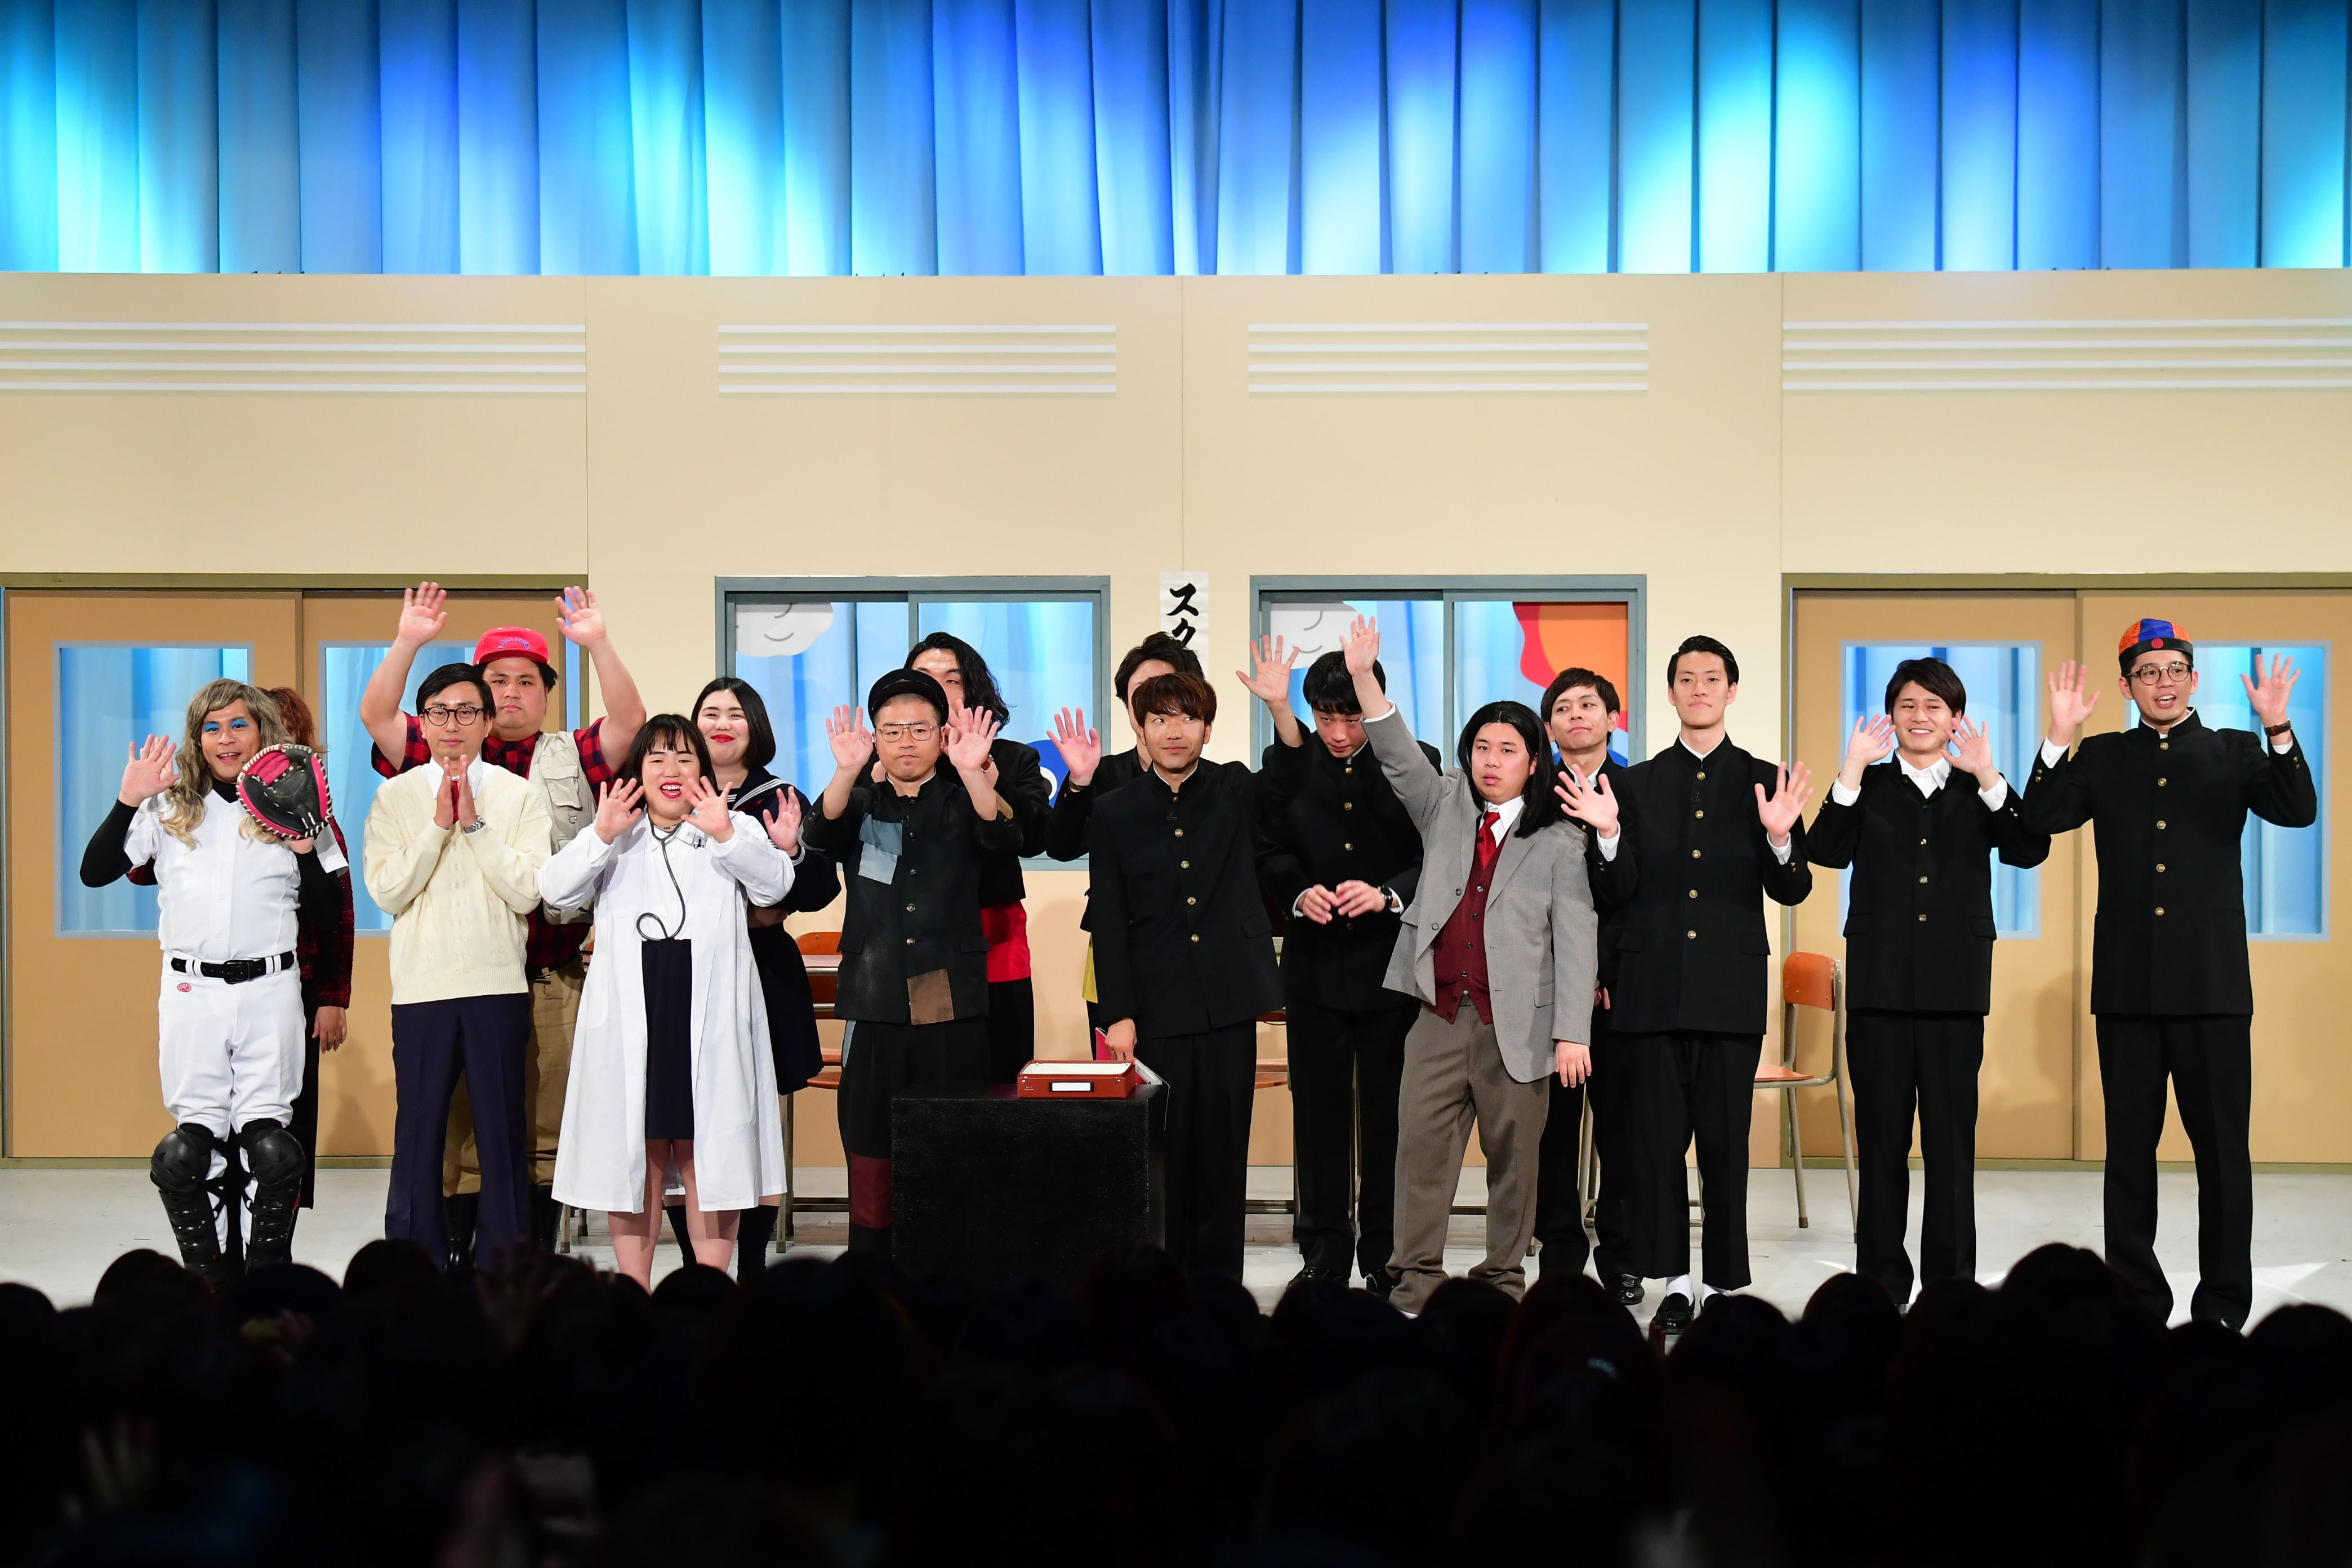 http://news.yoshimoto.co.jp/20181220091205-c866558c653800e696ab784e15fba4fa51b1816c.jpg